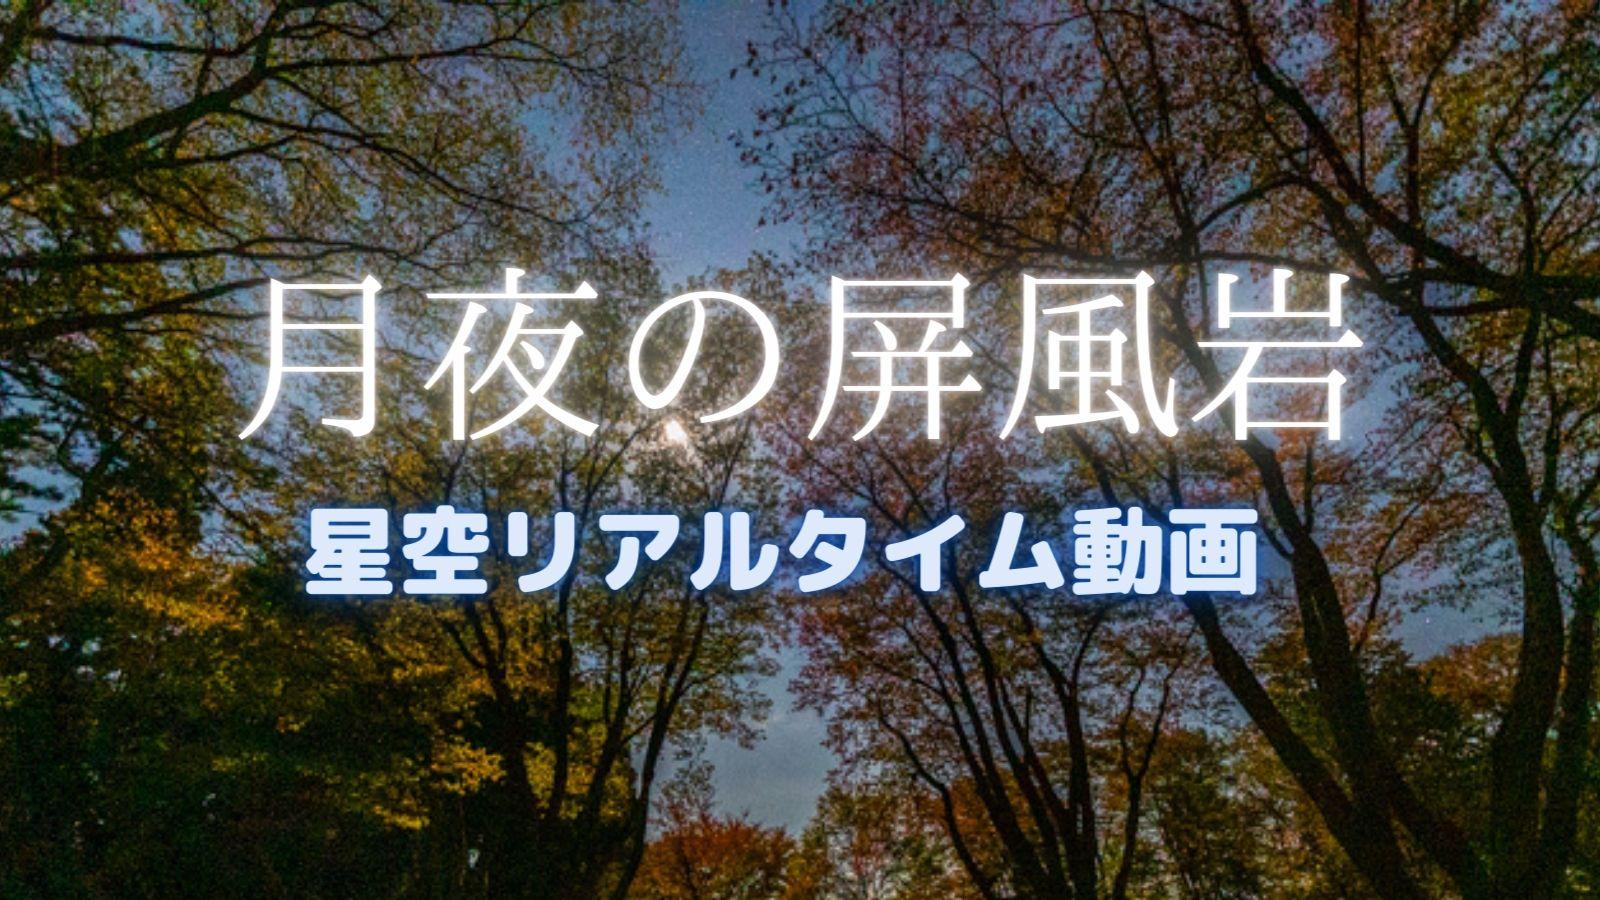 【動画】月夜の屏風岩を撮影に行きました【紅葉】